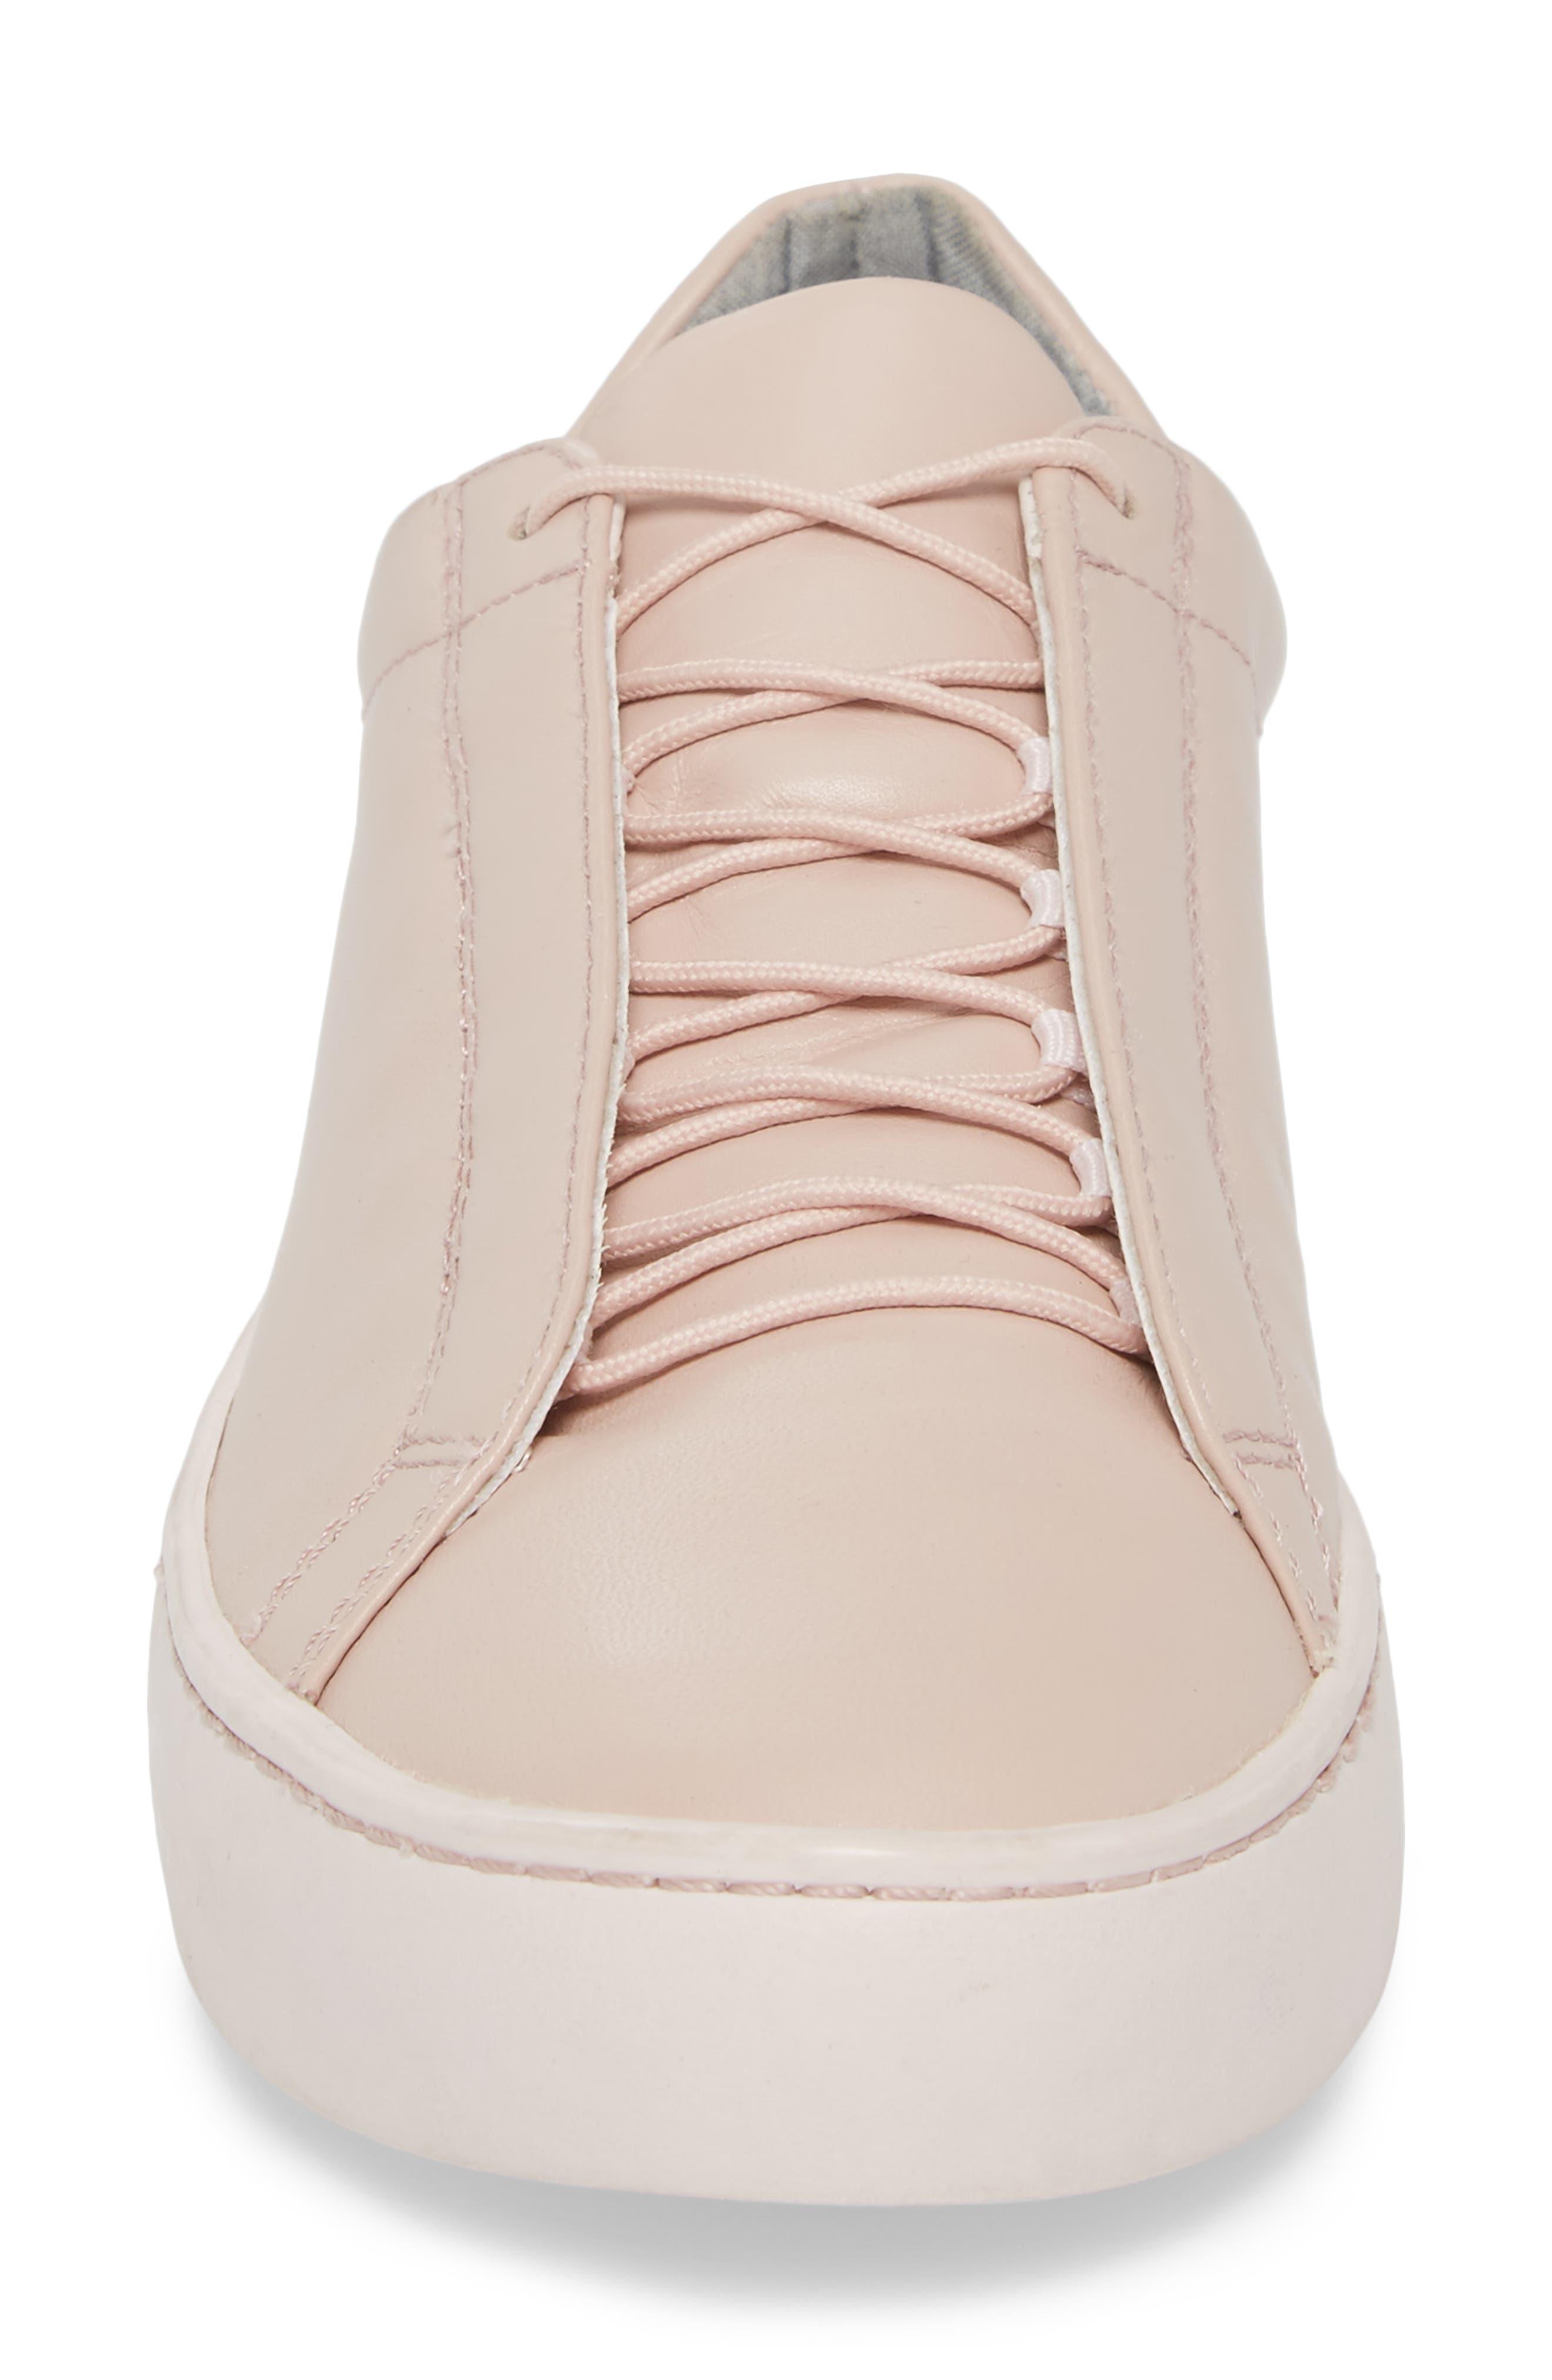 Zoe Sneaker,                             Alternate thumbnail 4, color,                             Milkshake Leather